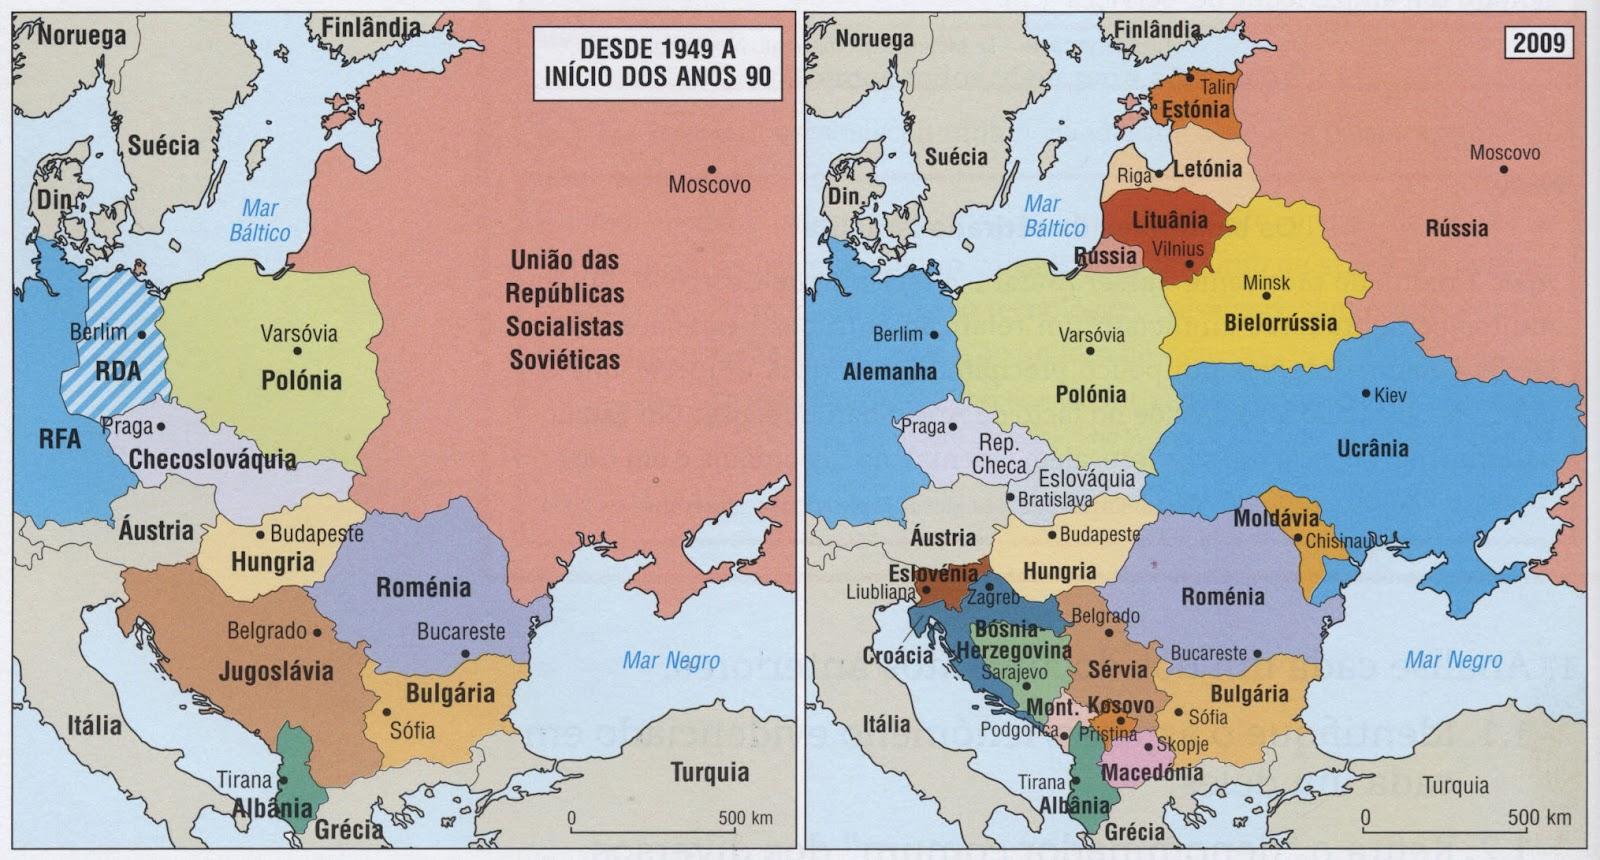 novo mapa politico da europa Linha do Tempo: A evolução política e económica da Europa de Leste novo mapa politico da europa